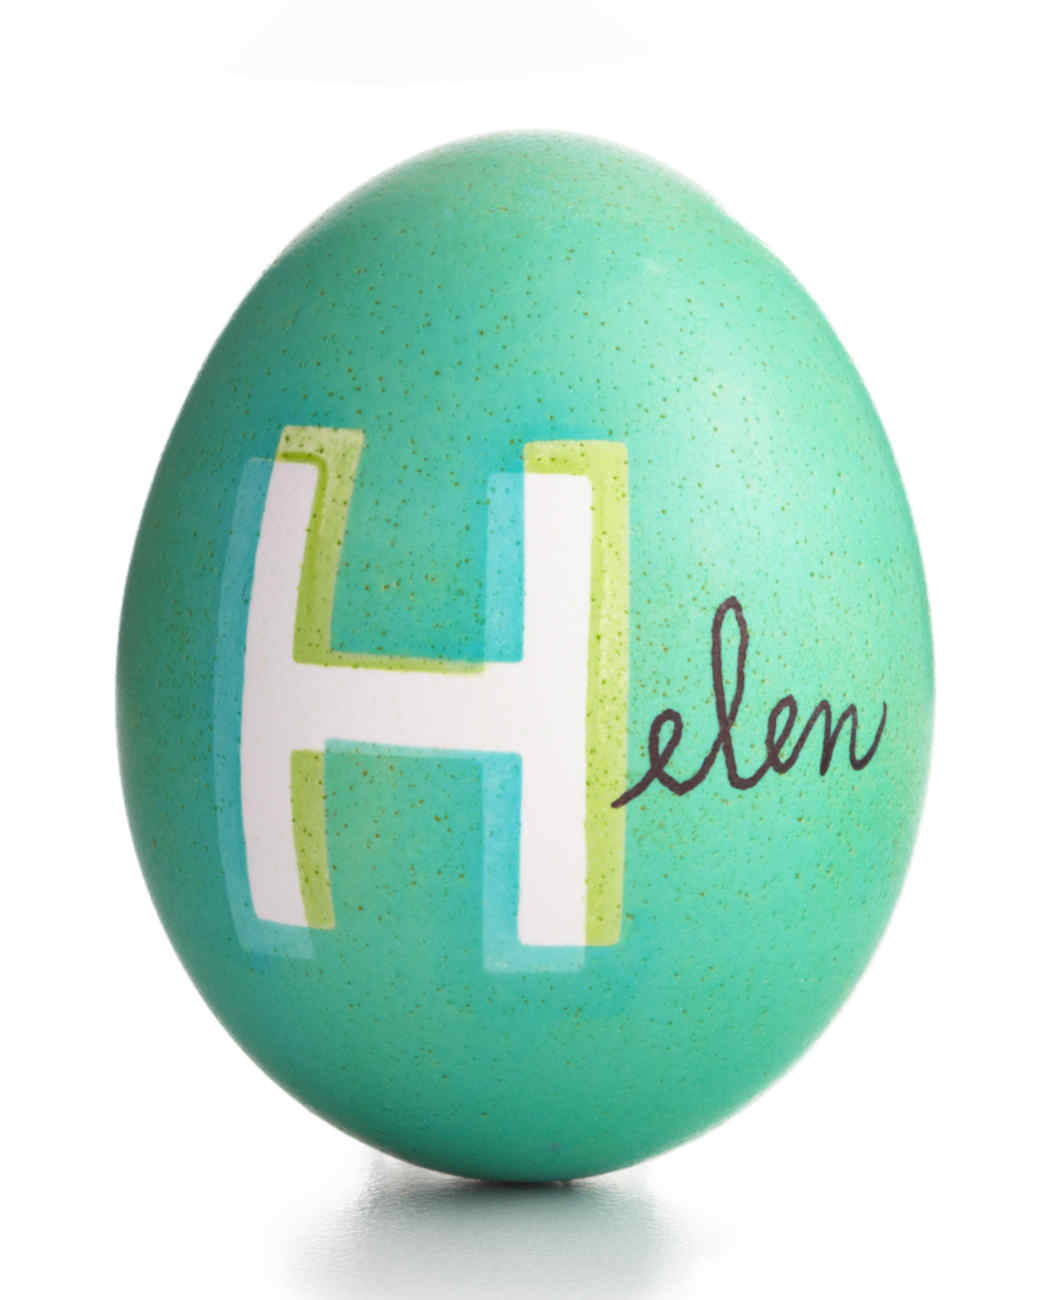 egg-dyeing-app-d107182-masking-helen0414.jpg